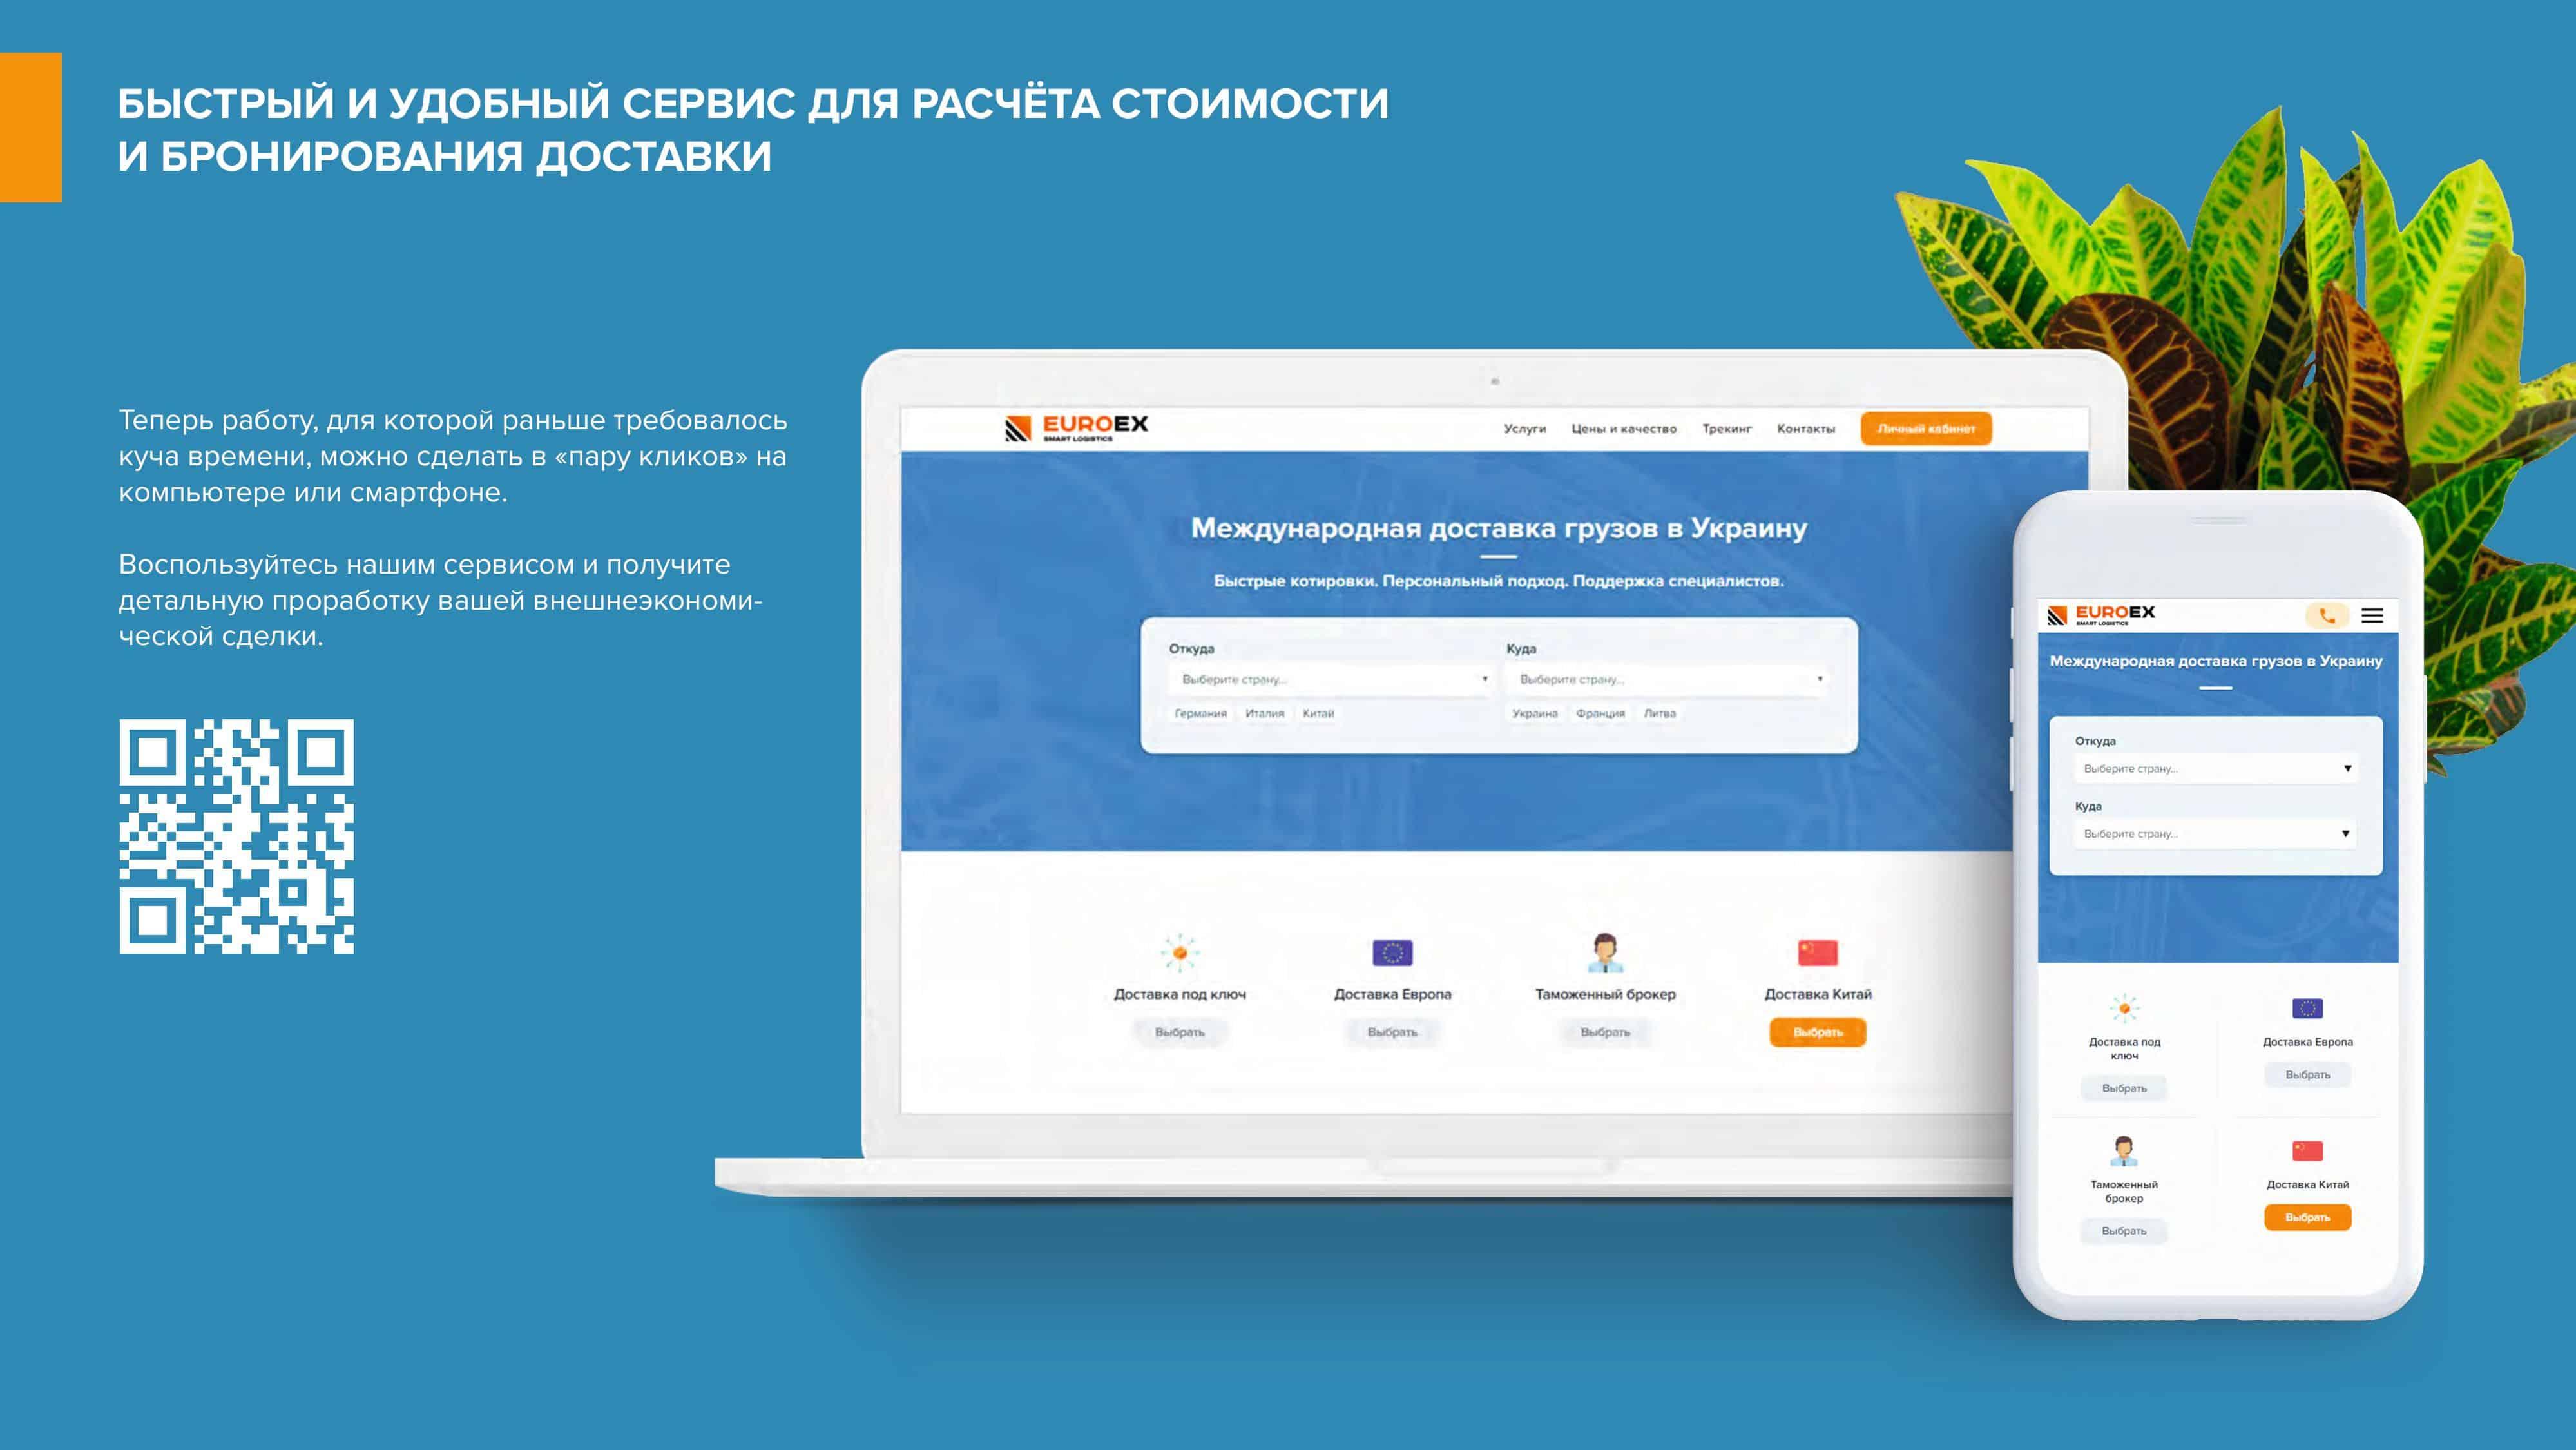 Prezentatsiya-EuroEx - Международная доставка грузов — транспортно логистические перевозки в Украину | EuroEx-  фото3